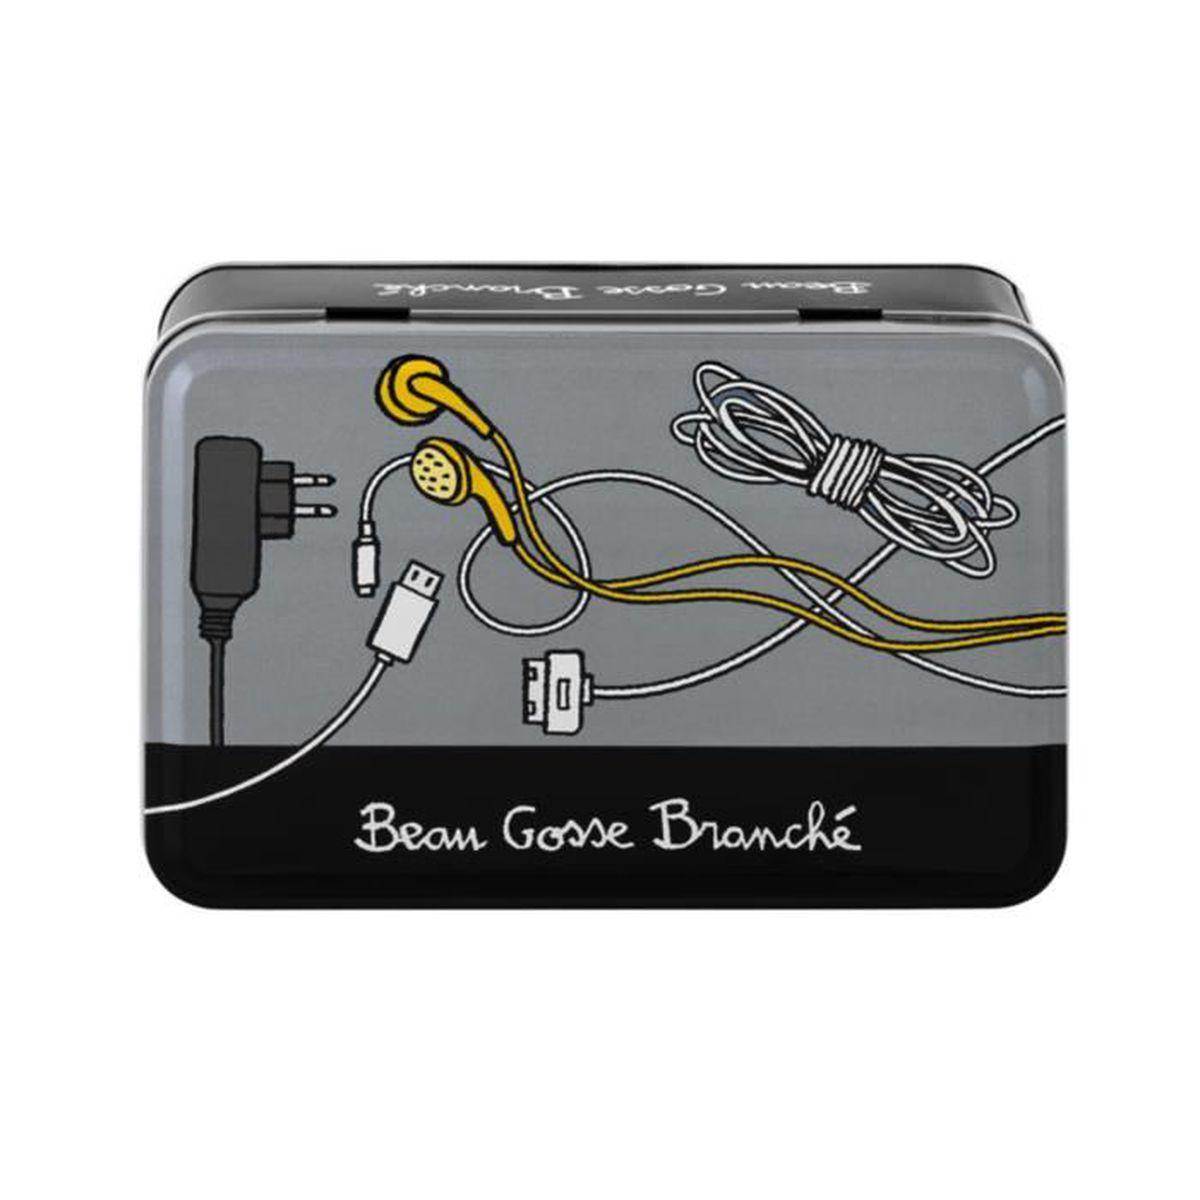 Boite Cache Prise Electrique boîte de rangement à chargeurs & câbles beau gosse branchÉ